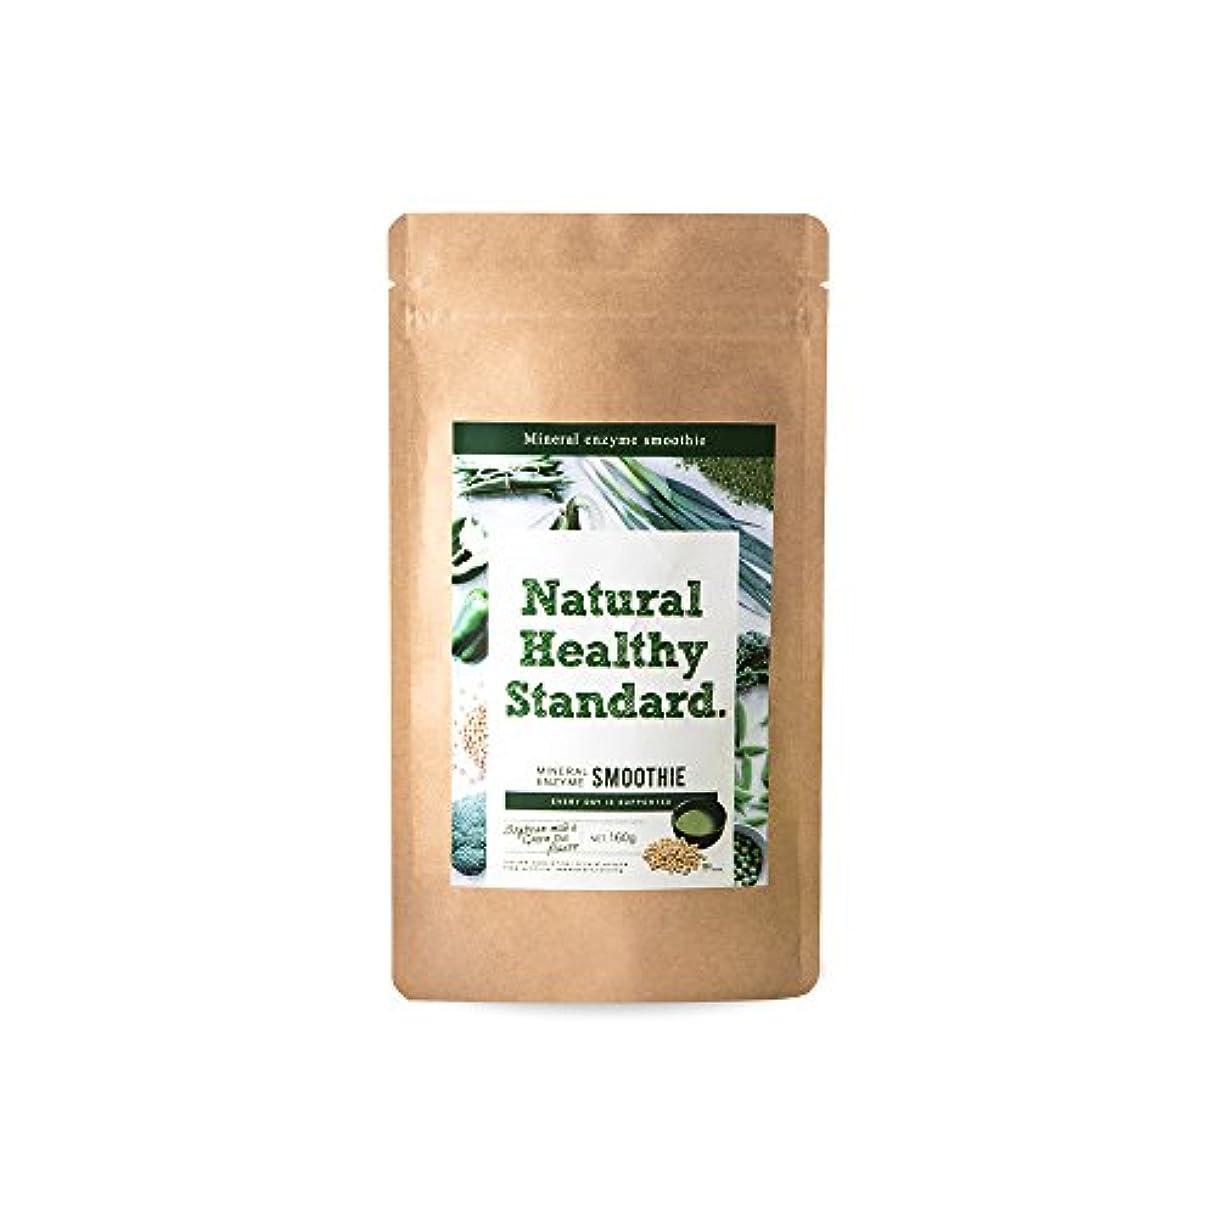 地味なハブブ近くNaturalHealthyStandard(ナチュラルヘルシースタンダード) ミネラル酵素グリーンスムージー 豆乳抹茶味 160g